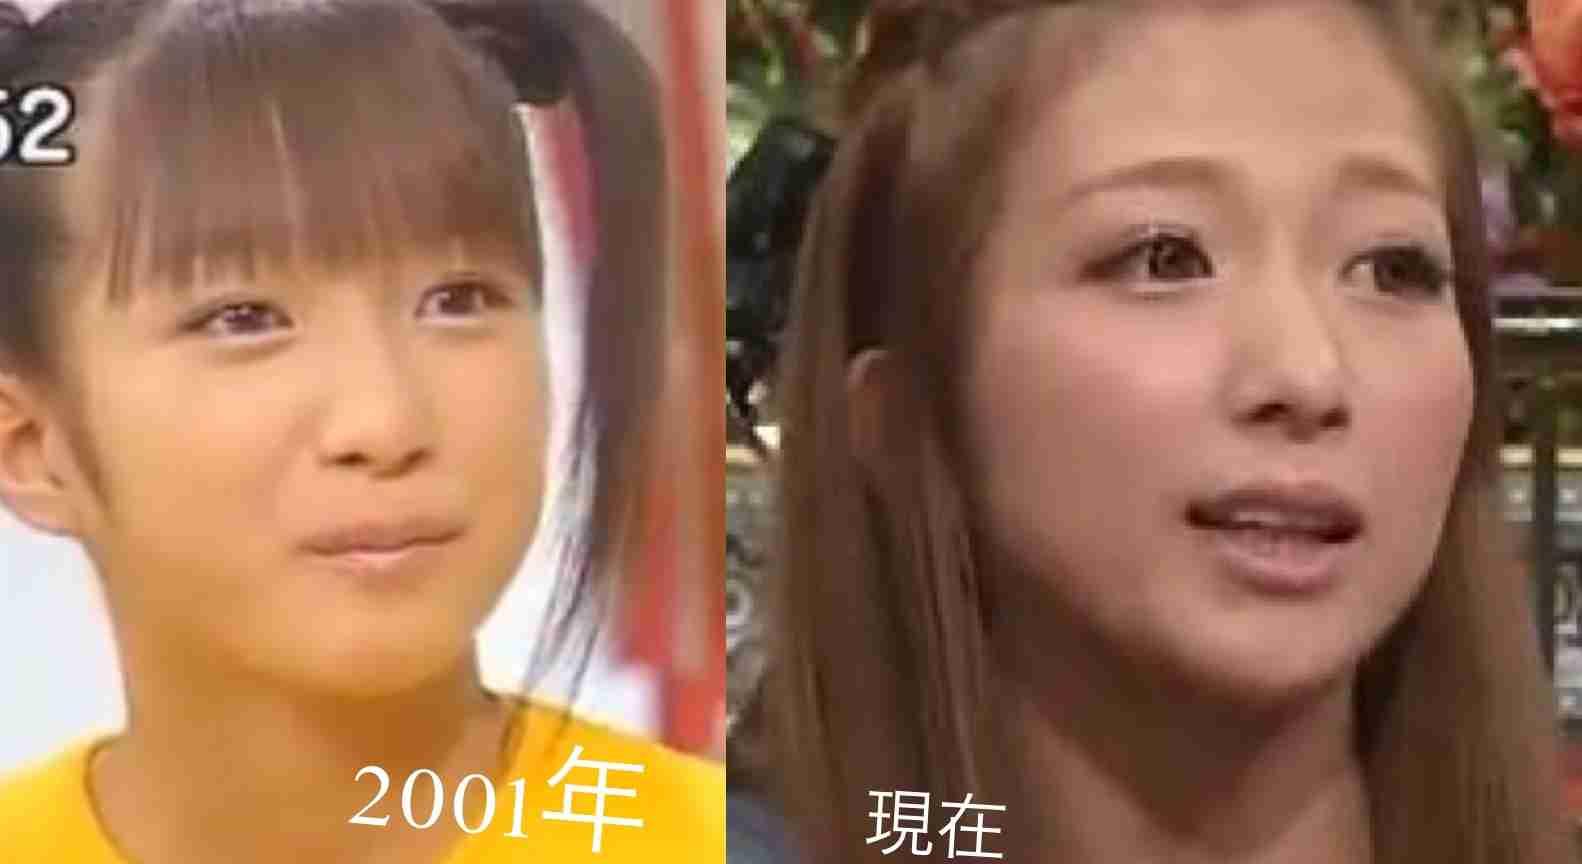 元モー娘。福田明日香 離婚で困窮「1カ月の食費1万円」…元夫への未練も